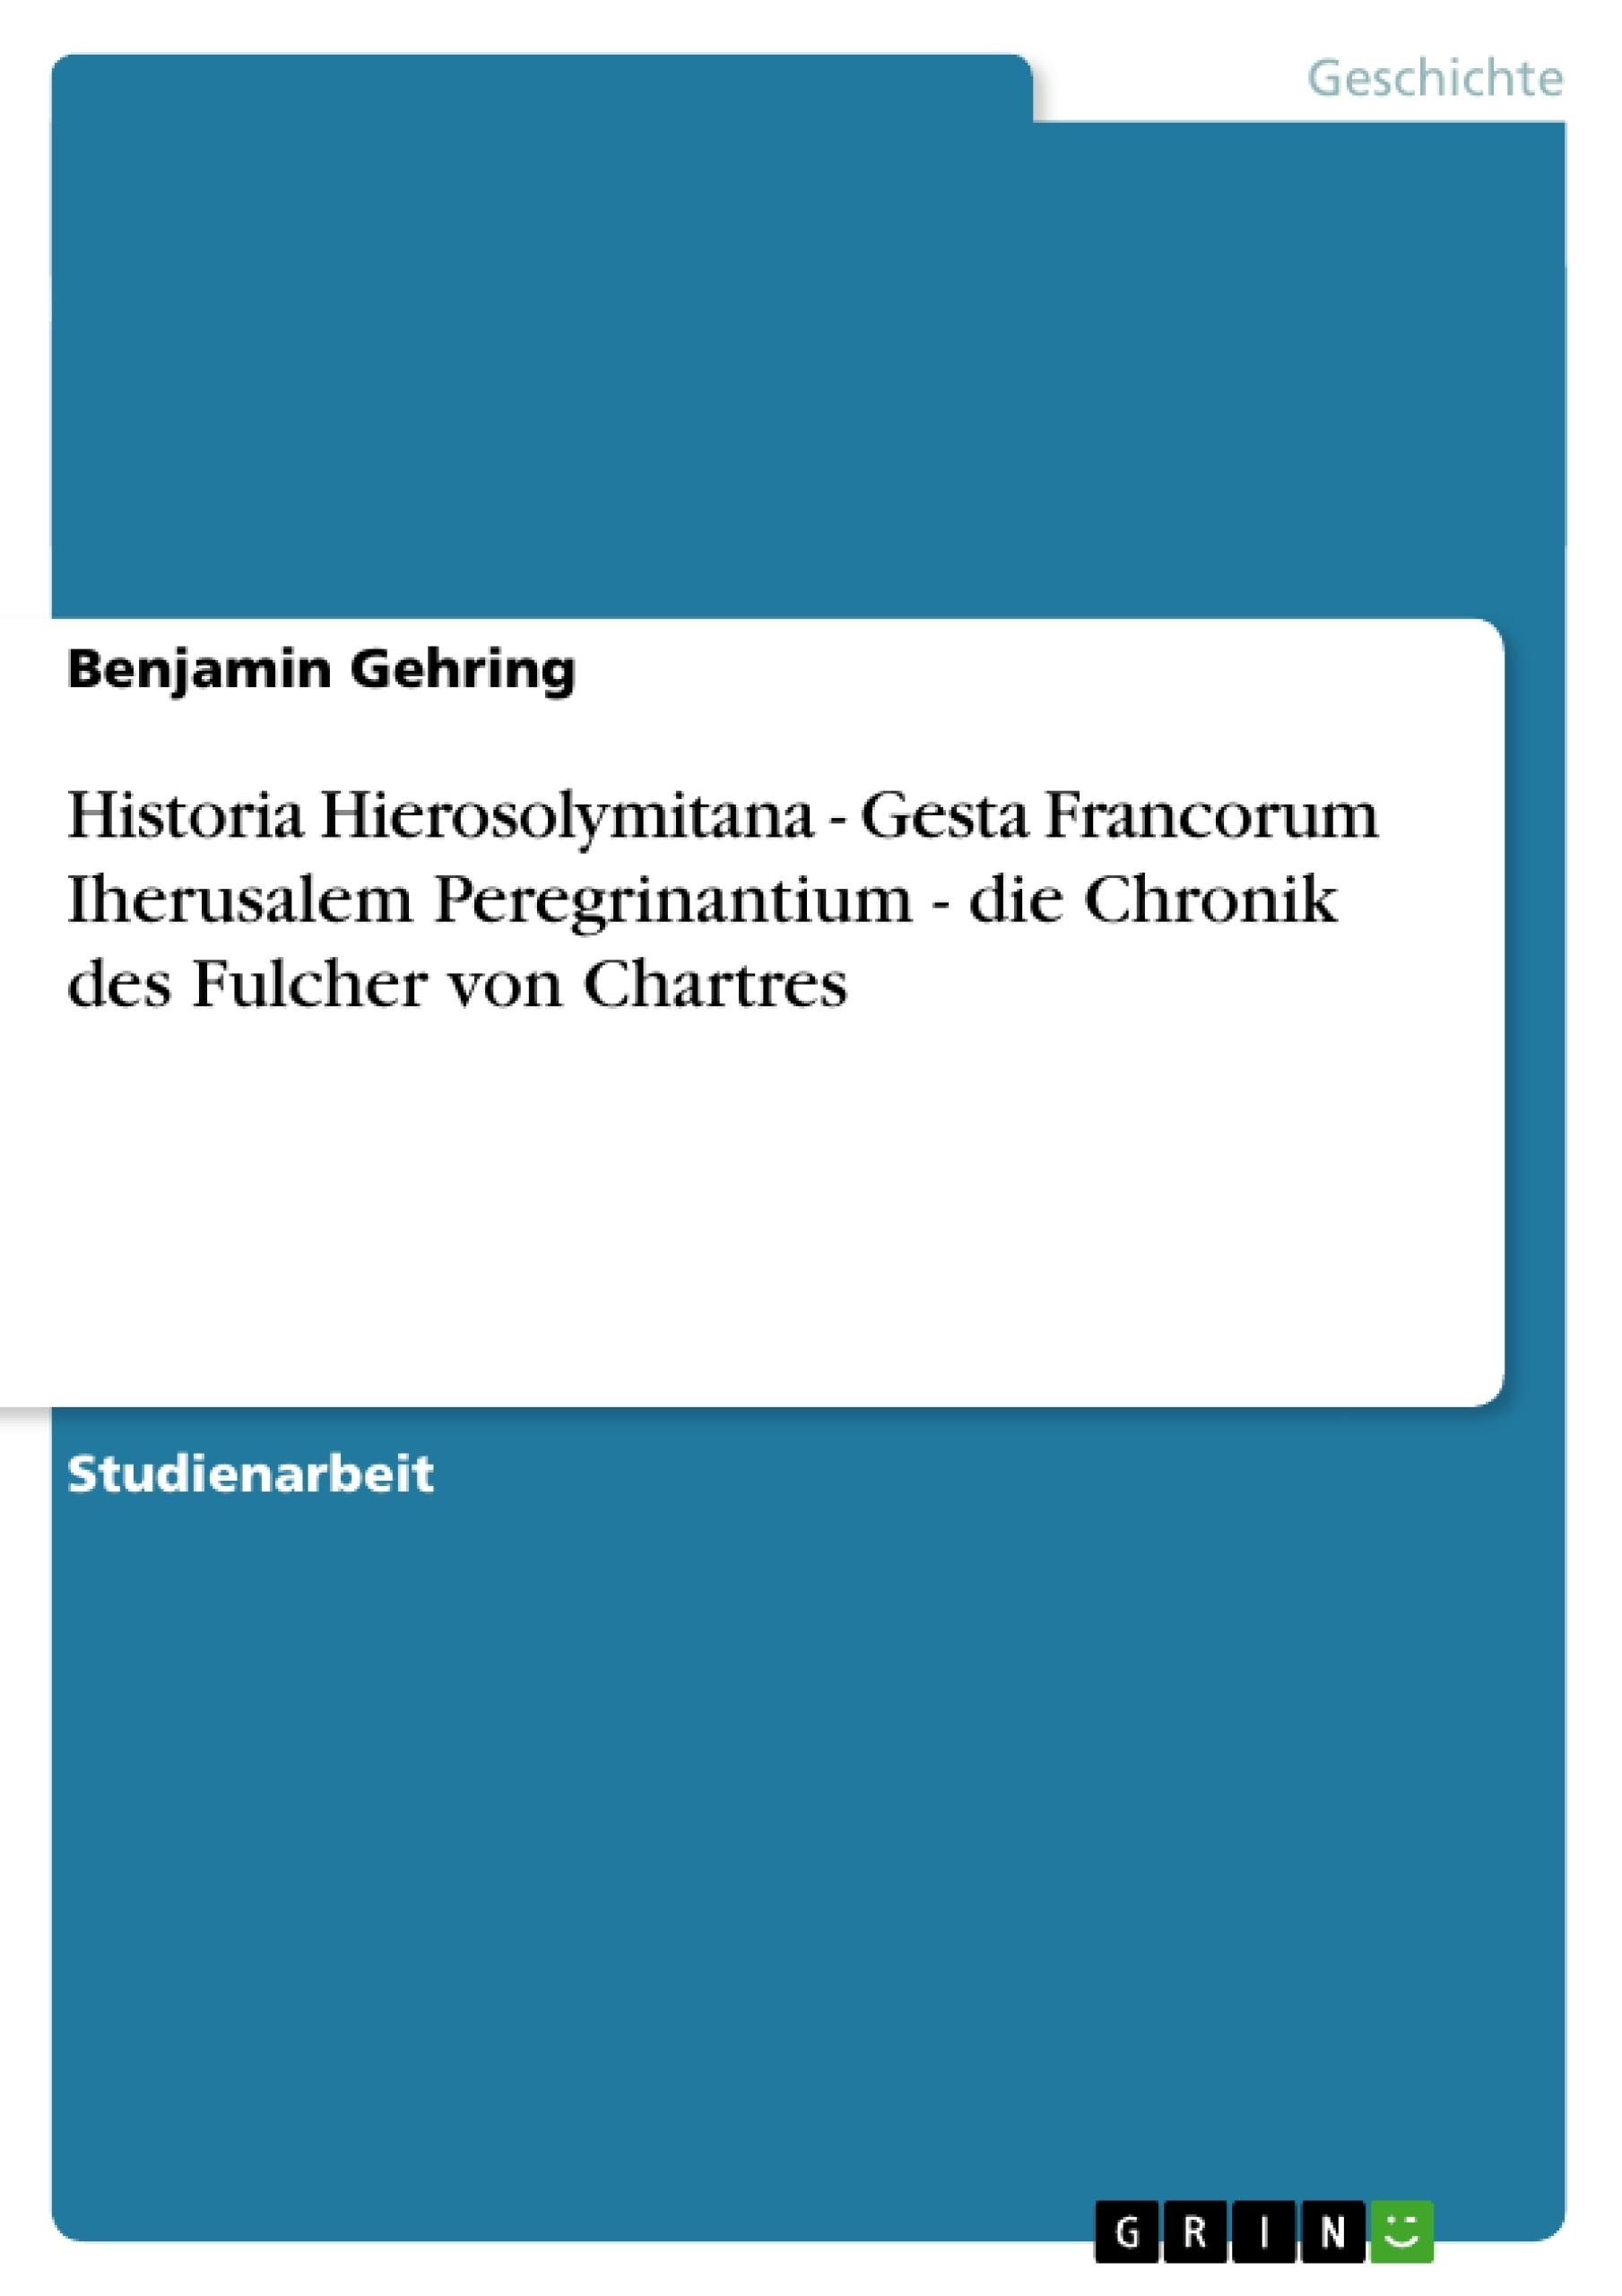 Titel: Historia Hierosolymitana - Gesta Francorum Iherusalem Peregrinantium - die Chronik des Fulcher von Chartres